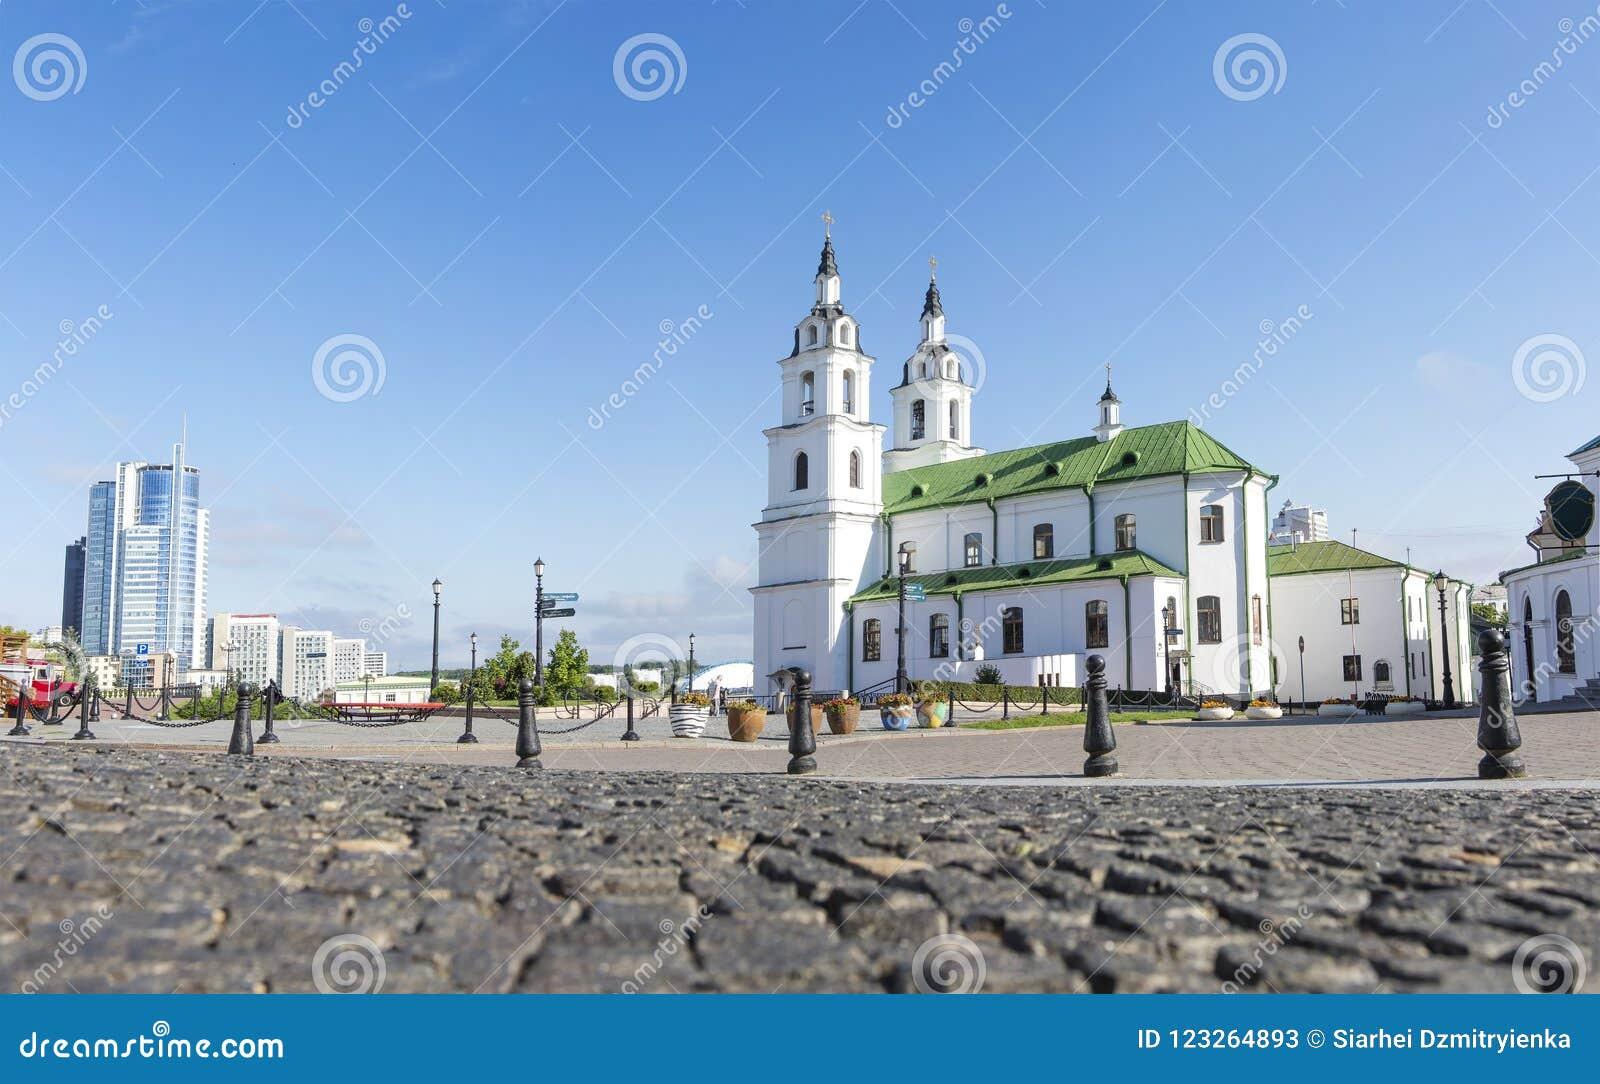 Het Beroemde Oriëntatiepunt van Minsk Kathedraal van Heilige Geest in Minsk Orthodoxe kerk van Wit-Rusland en symbool van Kapitaa